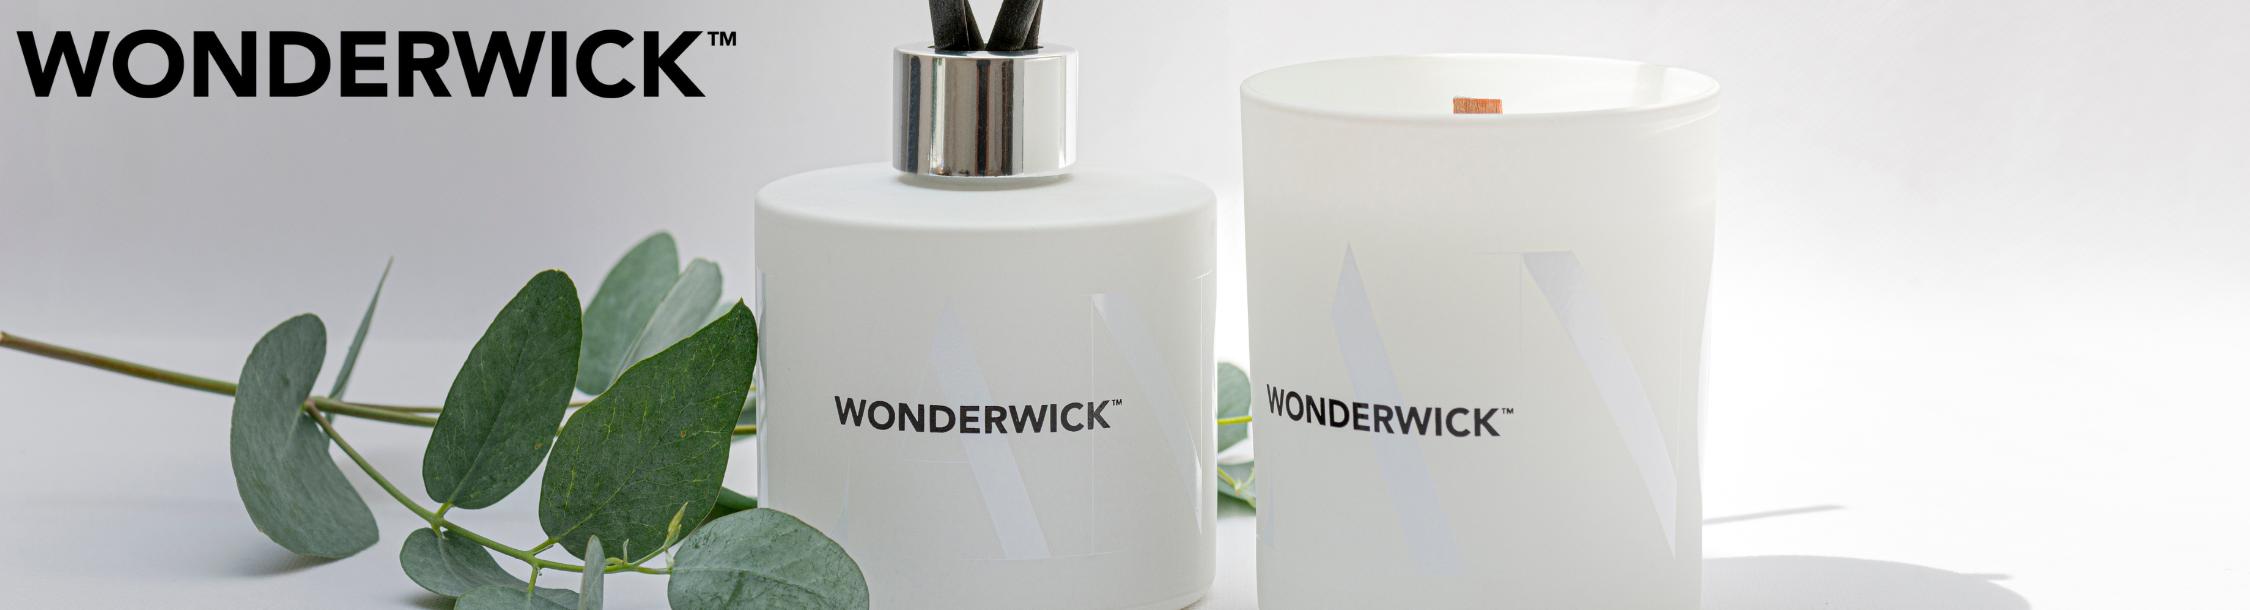 Wonderwick